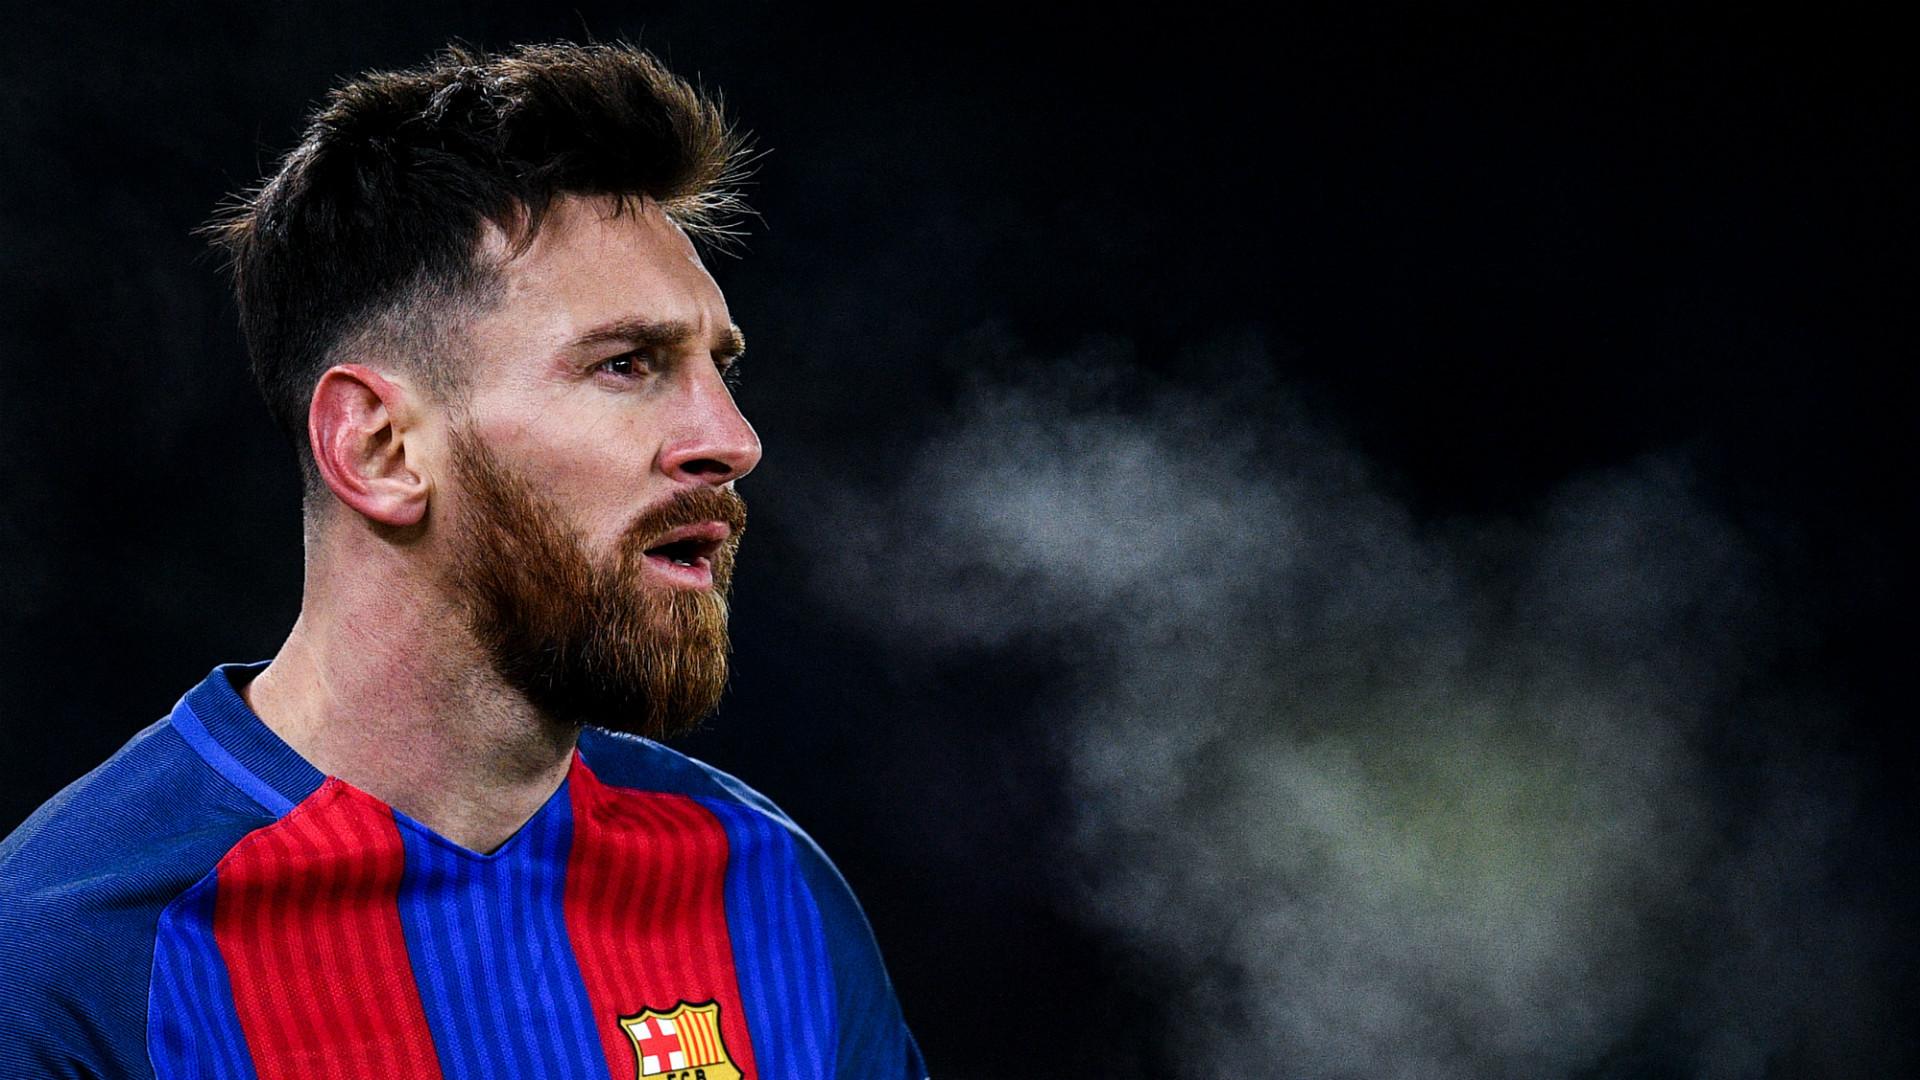 Hình nền Messi 2018 đẹp nhất cho mọi fan bóng đá đẹp. Huyền thoại bóng đá thế giới đương đại.